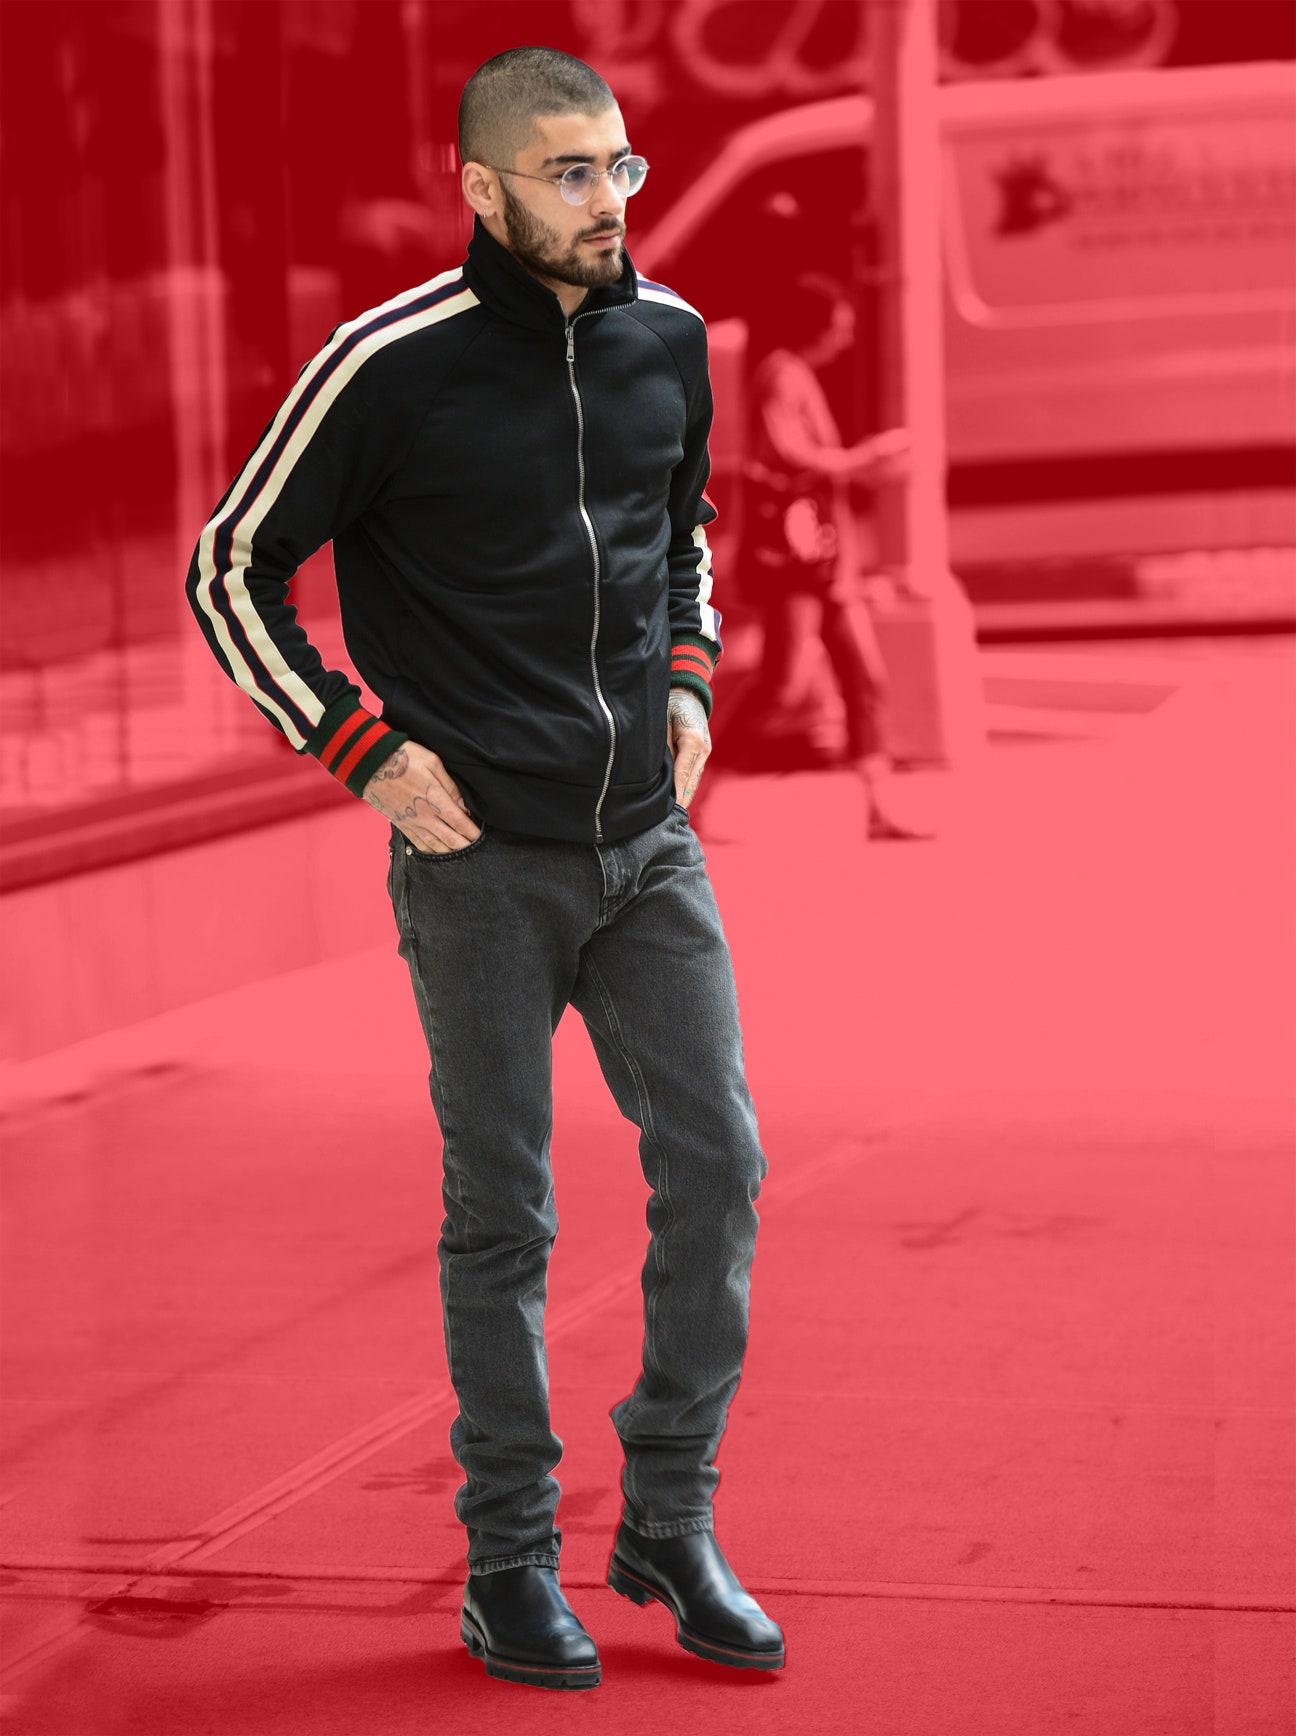 Justin Bieber Vs Zayn Malik: Who Aces The Tracksuit Better? 3